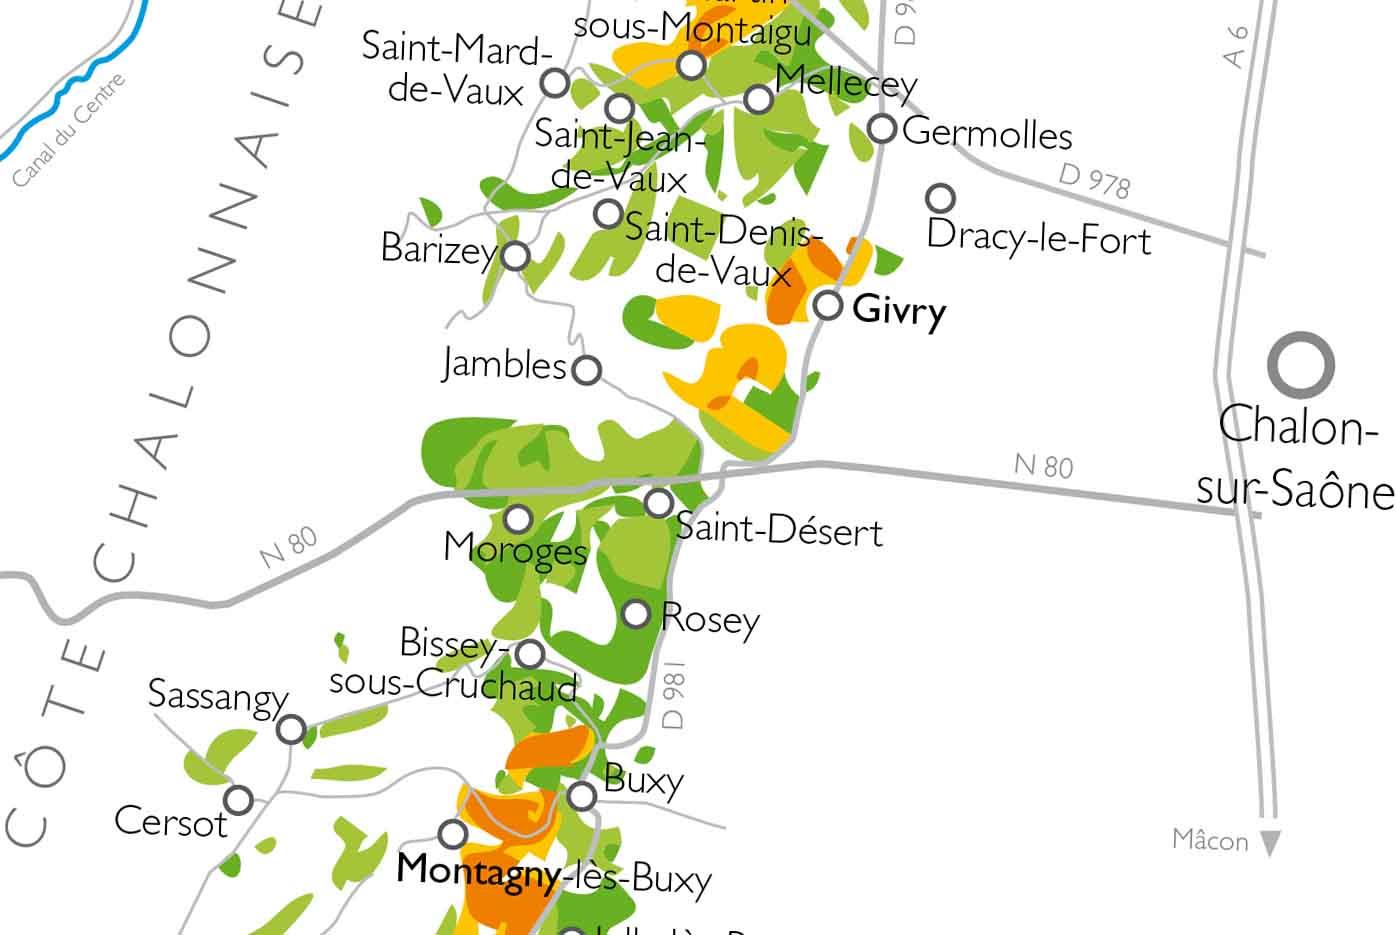 Carte Bourgogne Viticole.Carte De La Bourgogne Viticole Et Ses Cinq Regions Vins De Bourgogne